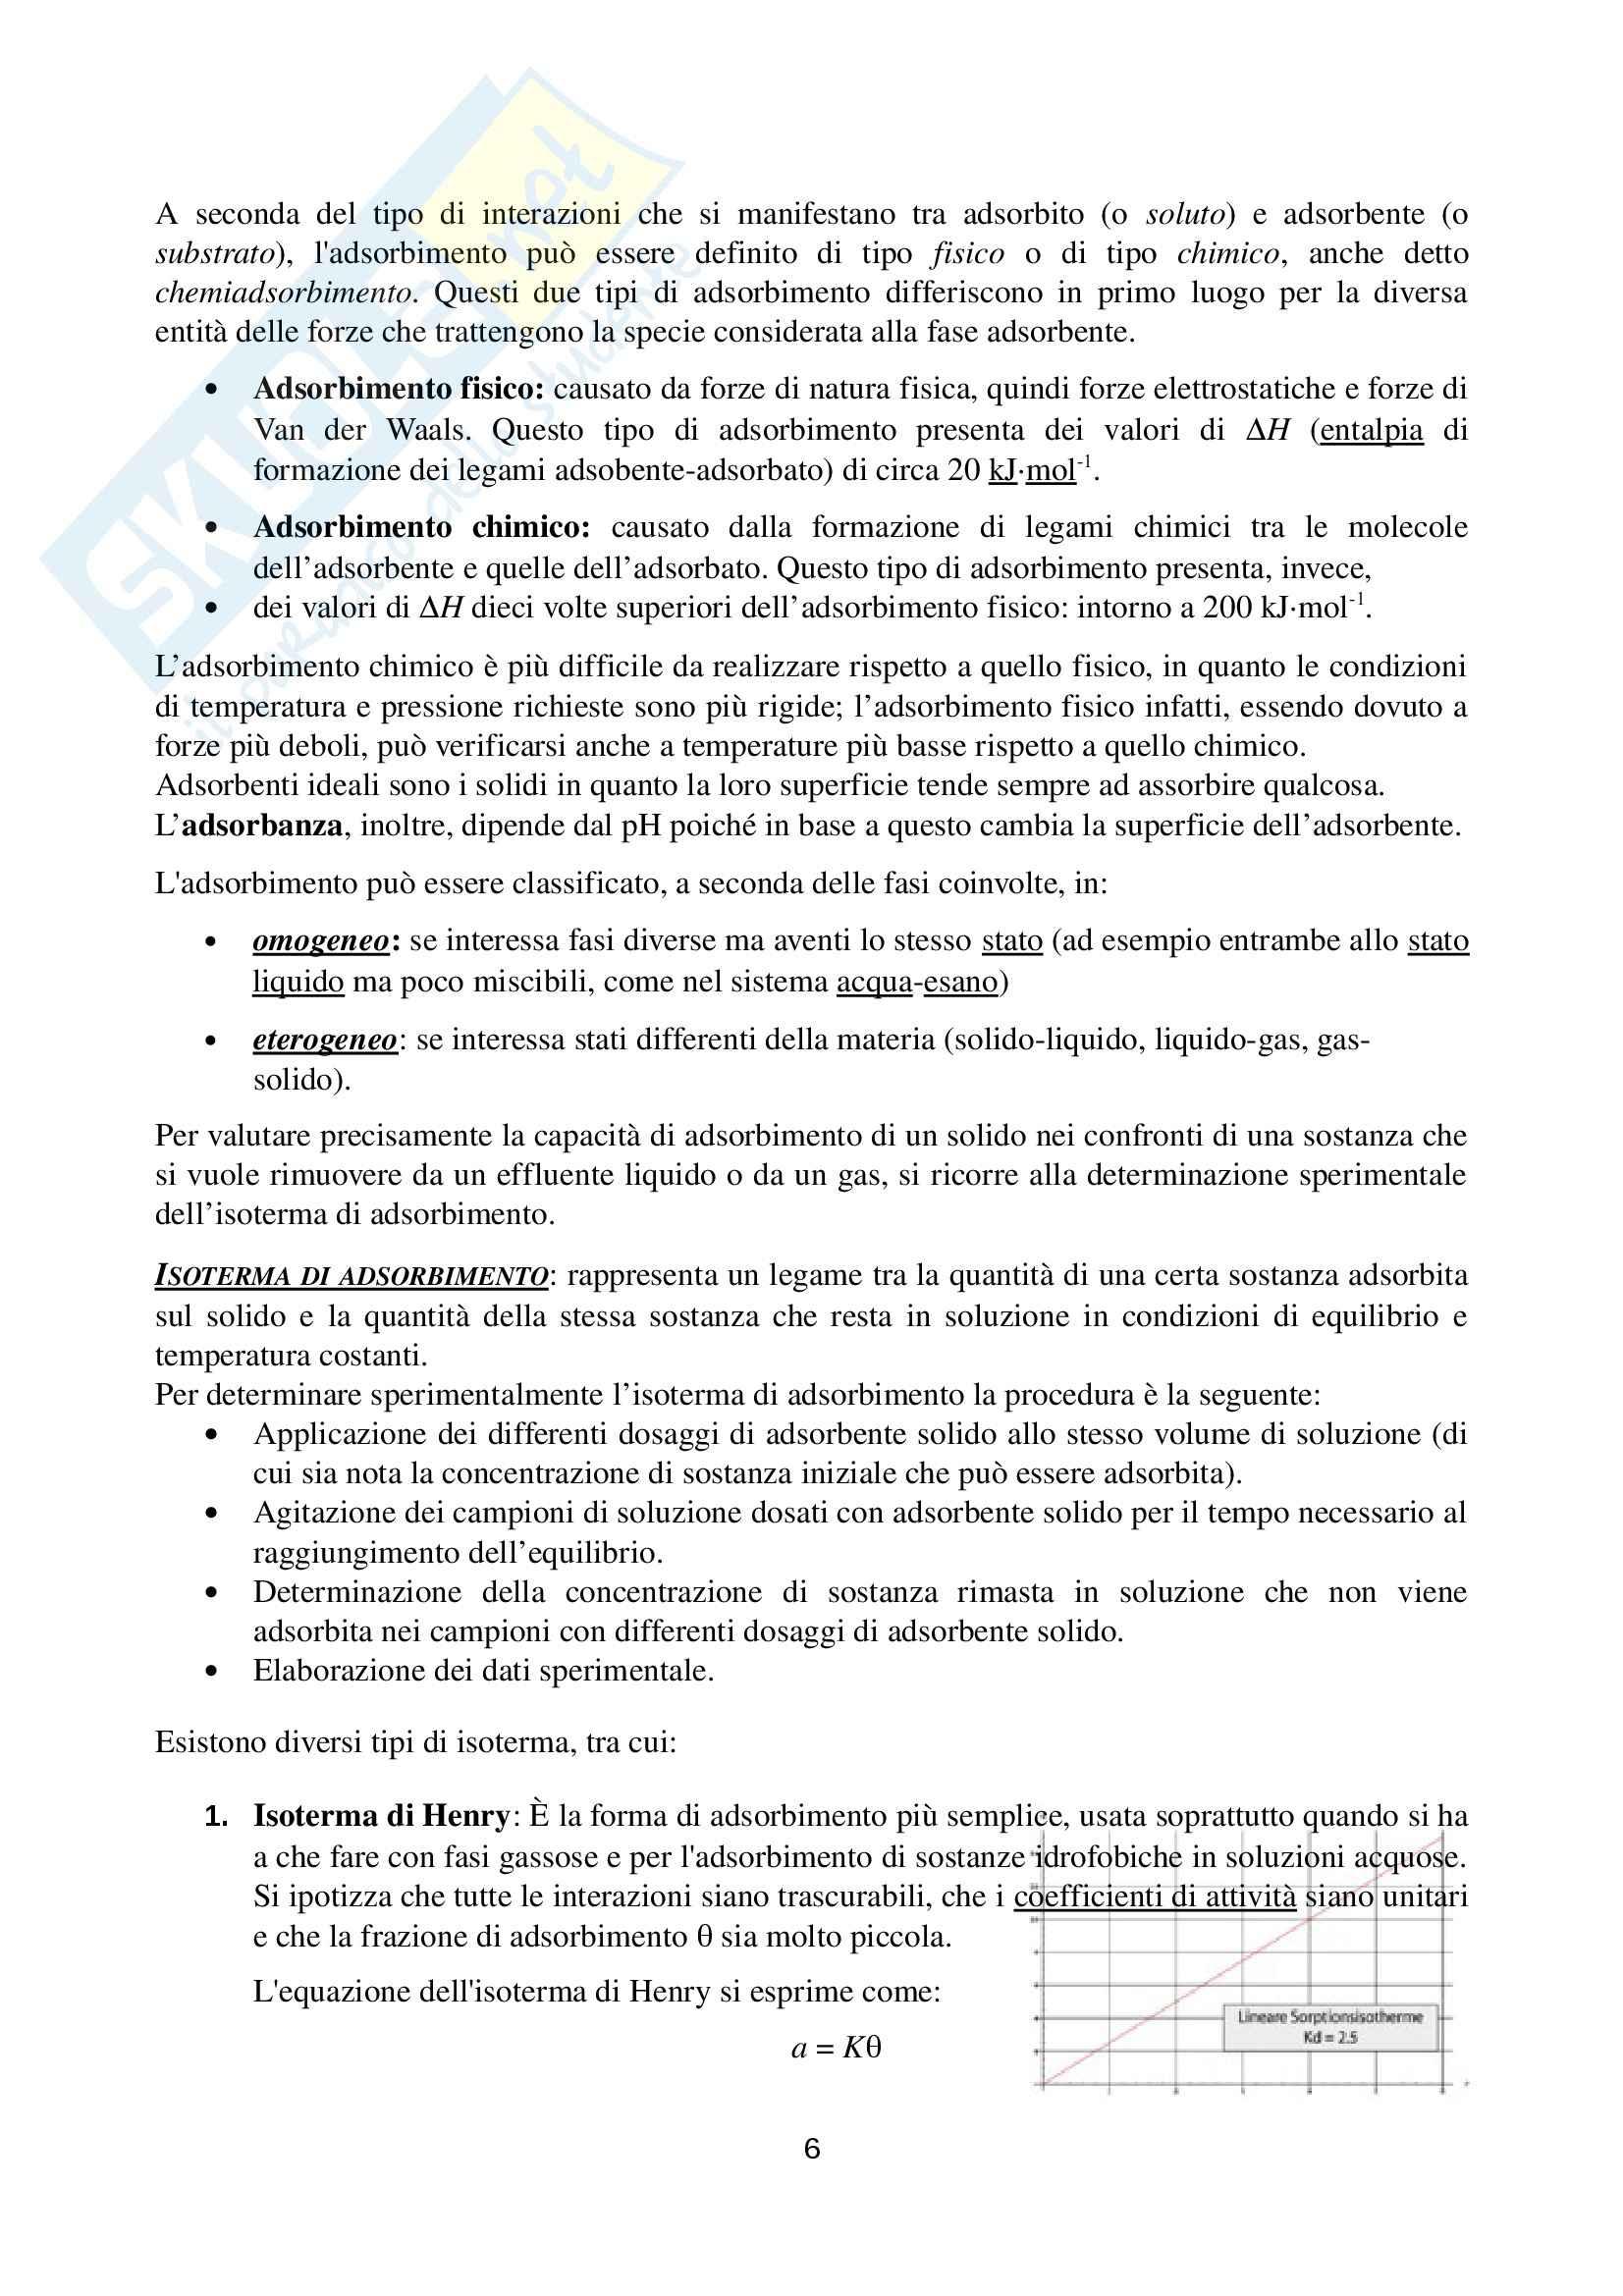 Relazione Laboratorio 3, Laboratorio di ingegneria chimica Pag. 6